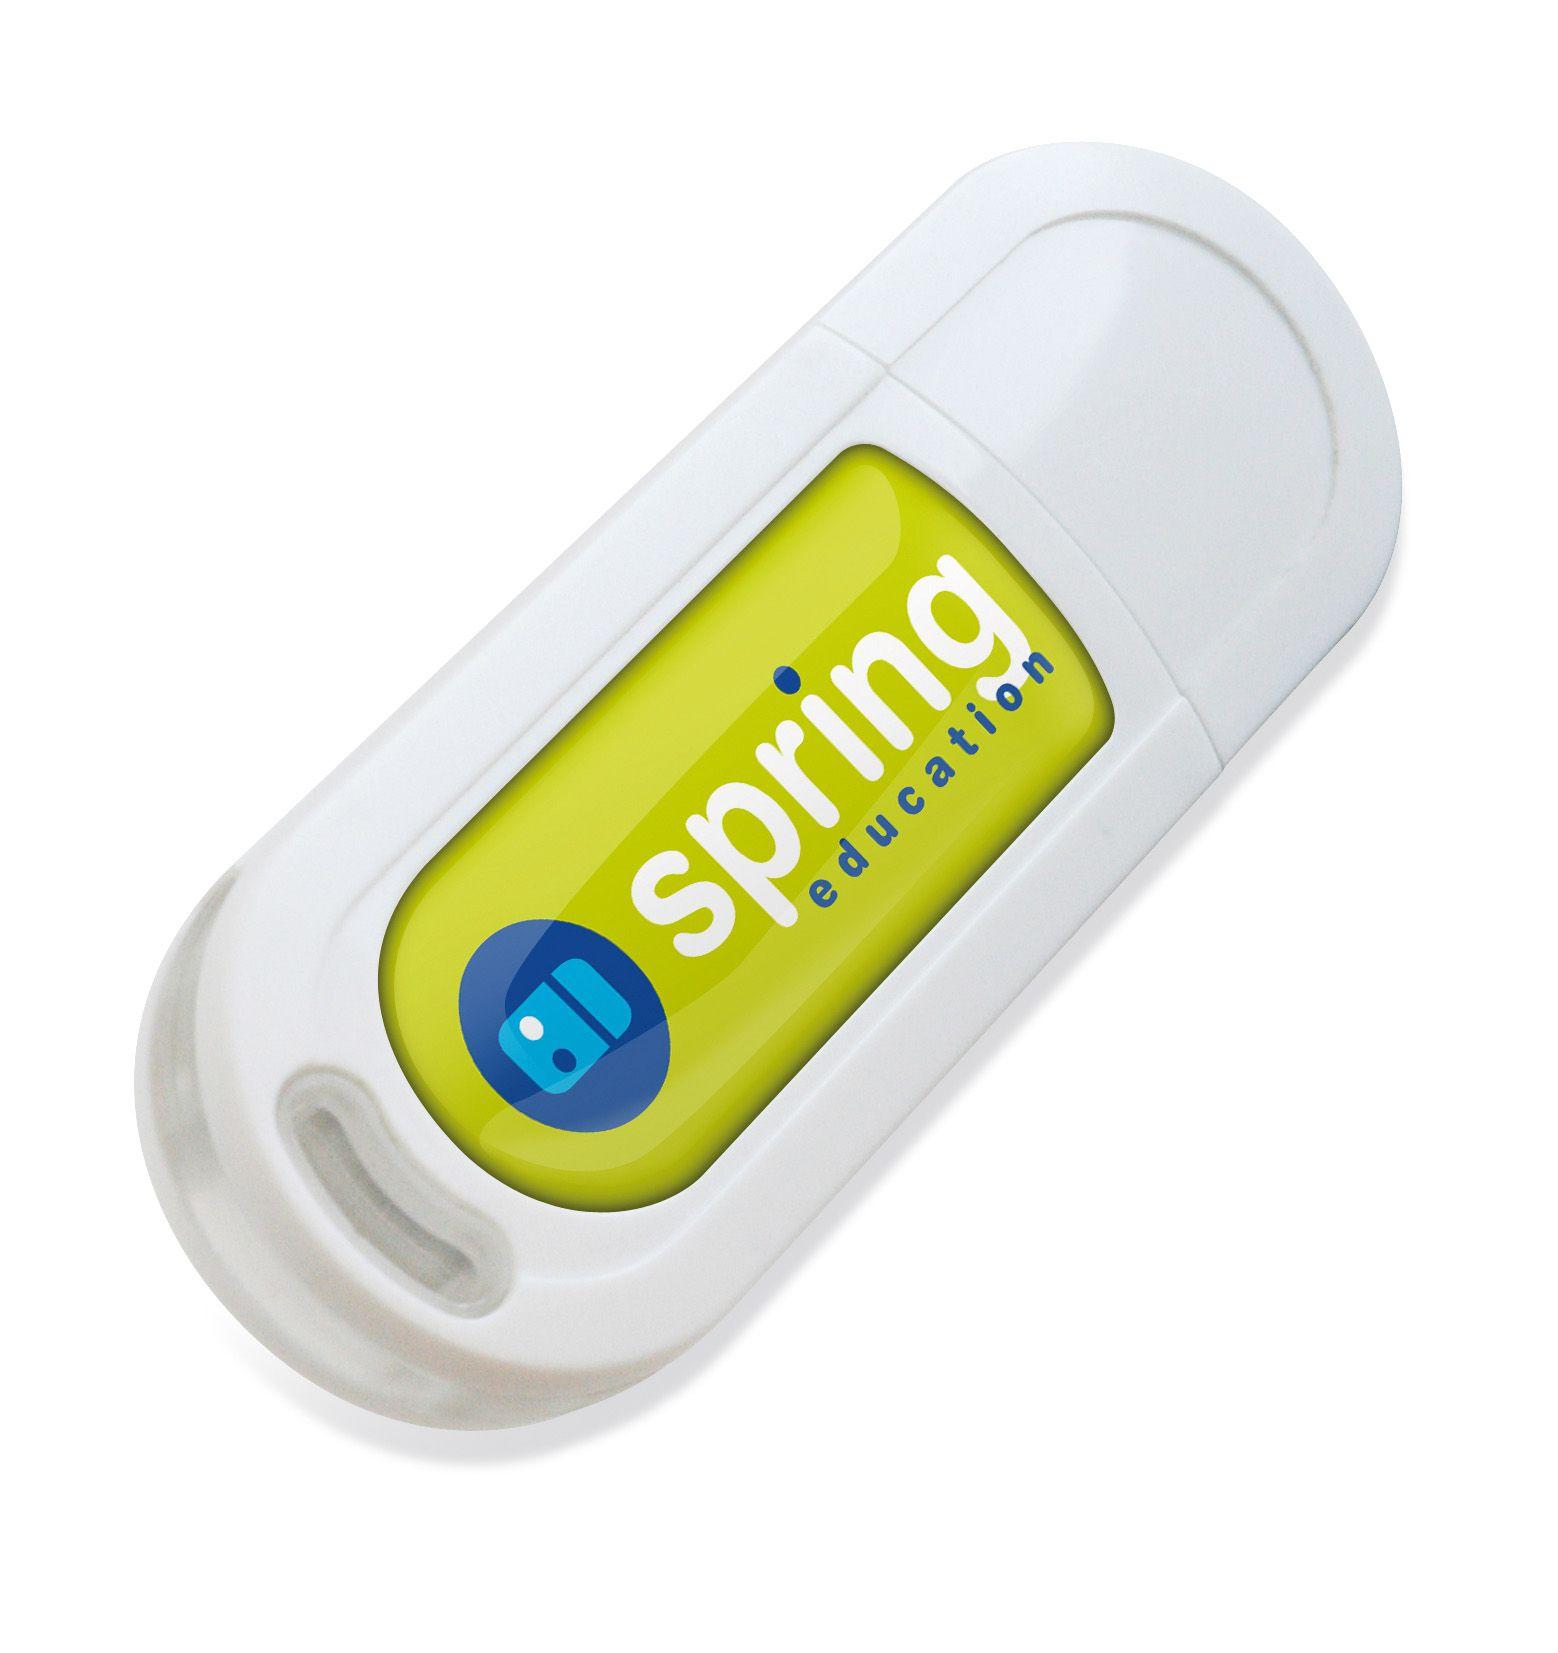 Cadeau promotionnel - Clé USB publicitaire écologique Ecospring